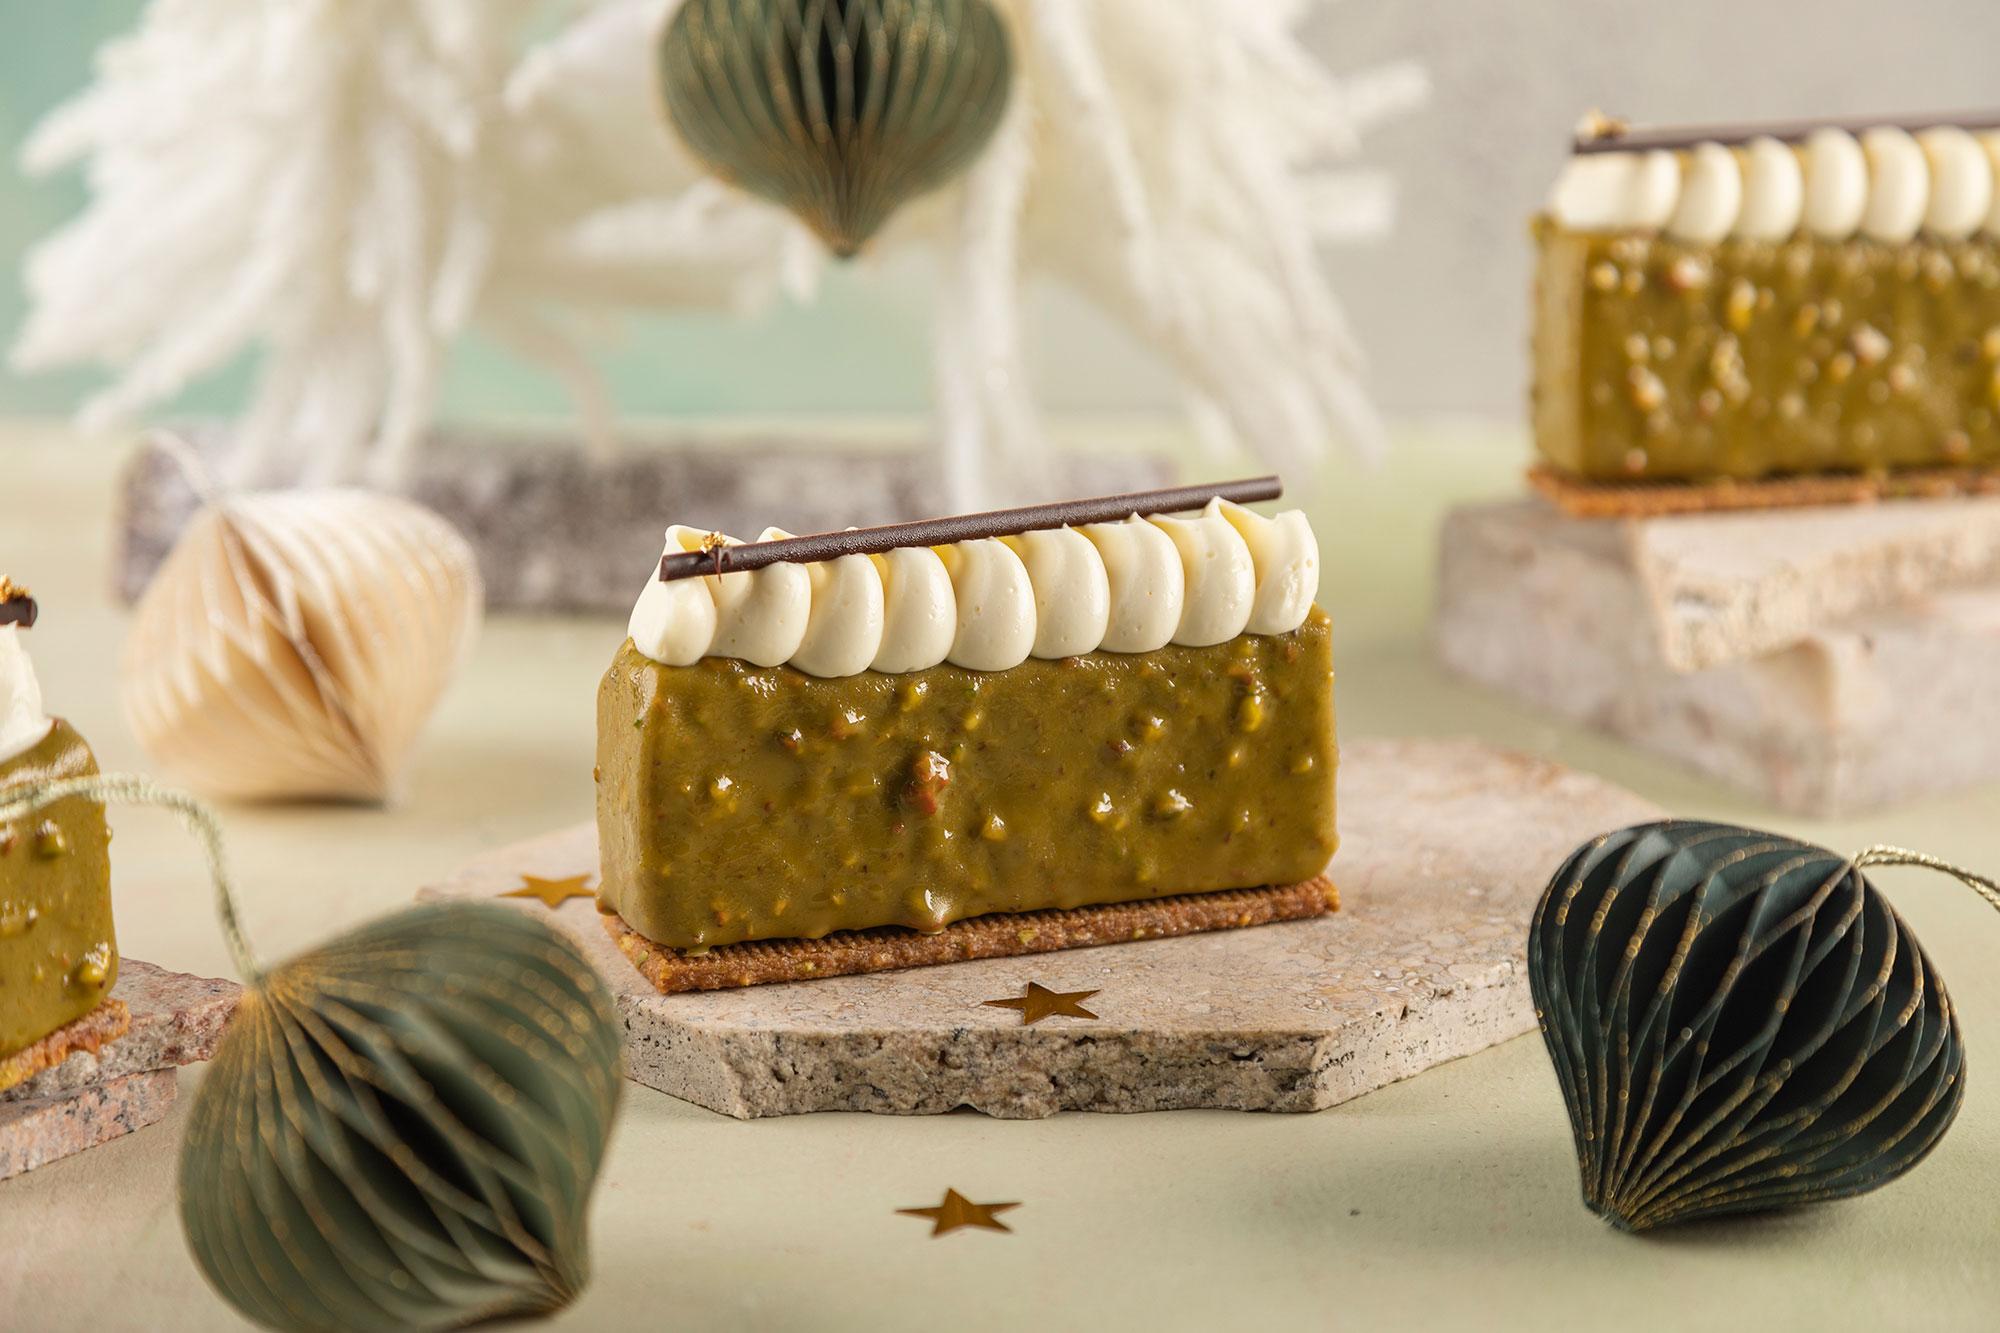 ciastka DESEO, ciastka świąteczne DESEO, sernik pistacjowy, Pistachio Cheesecake